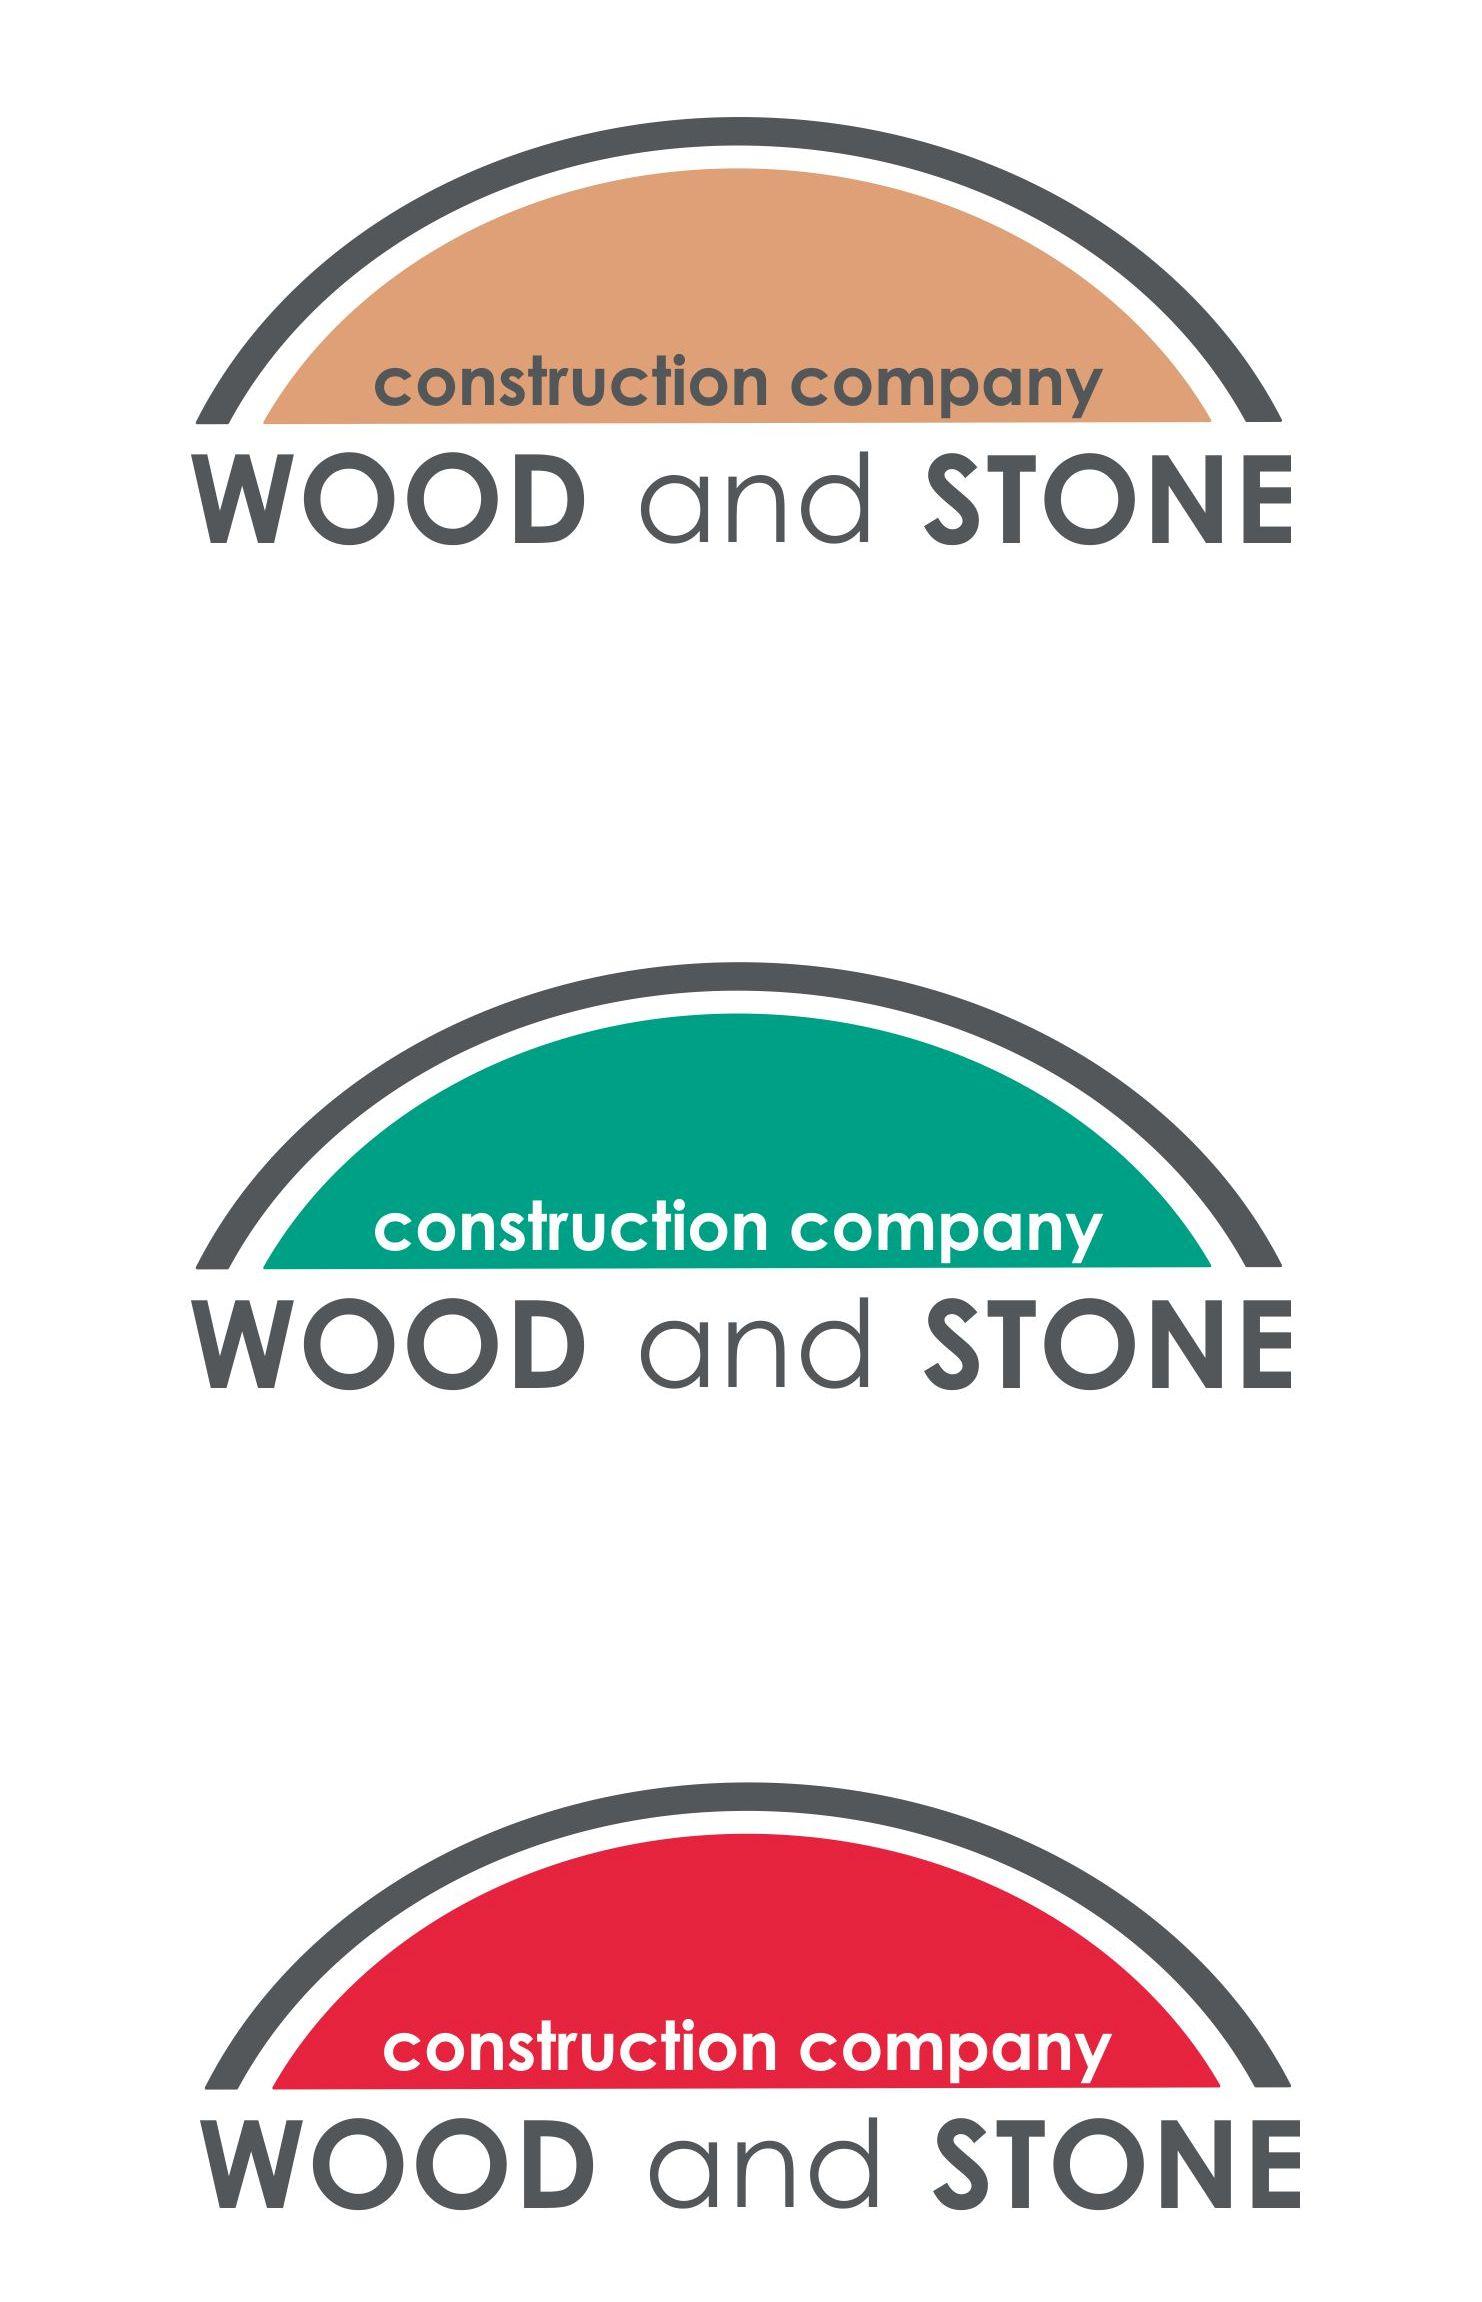 Логотип и Фирменный стиль фото f_14554983db29cd53.jpg